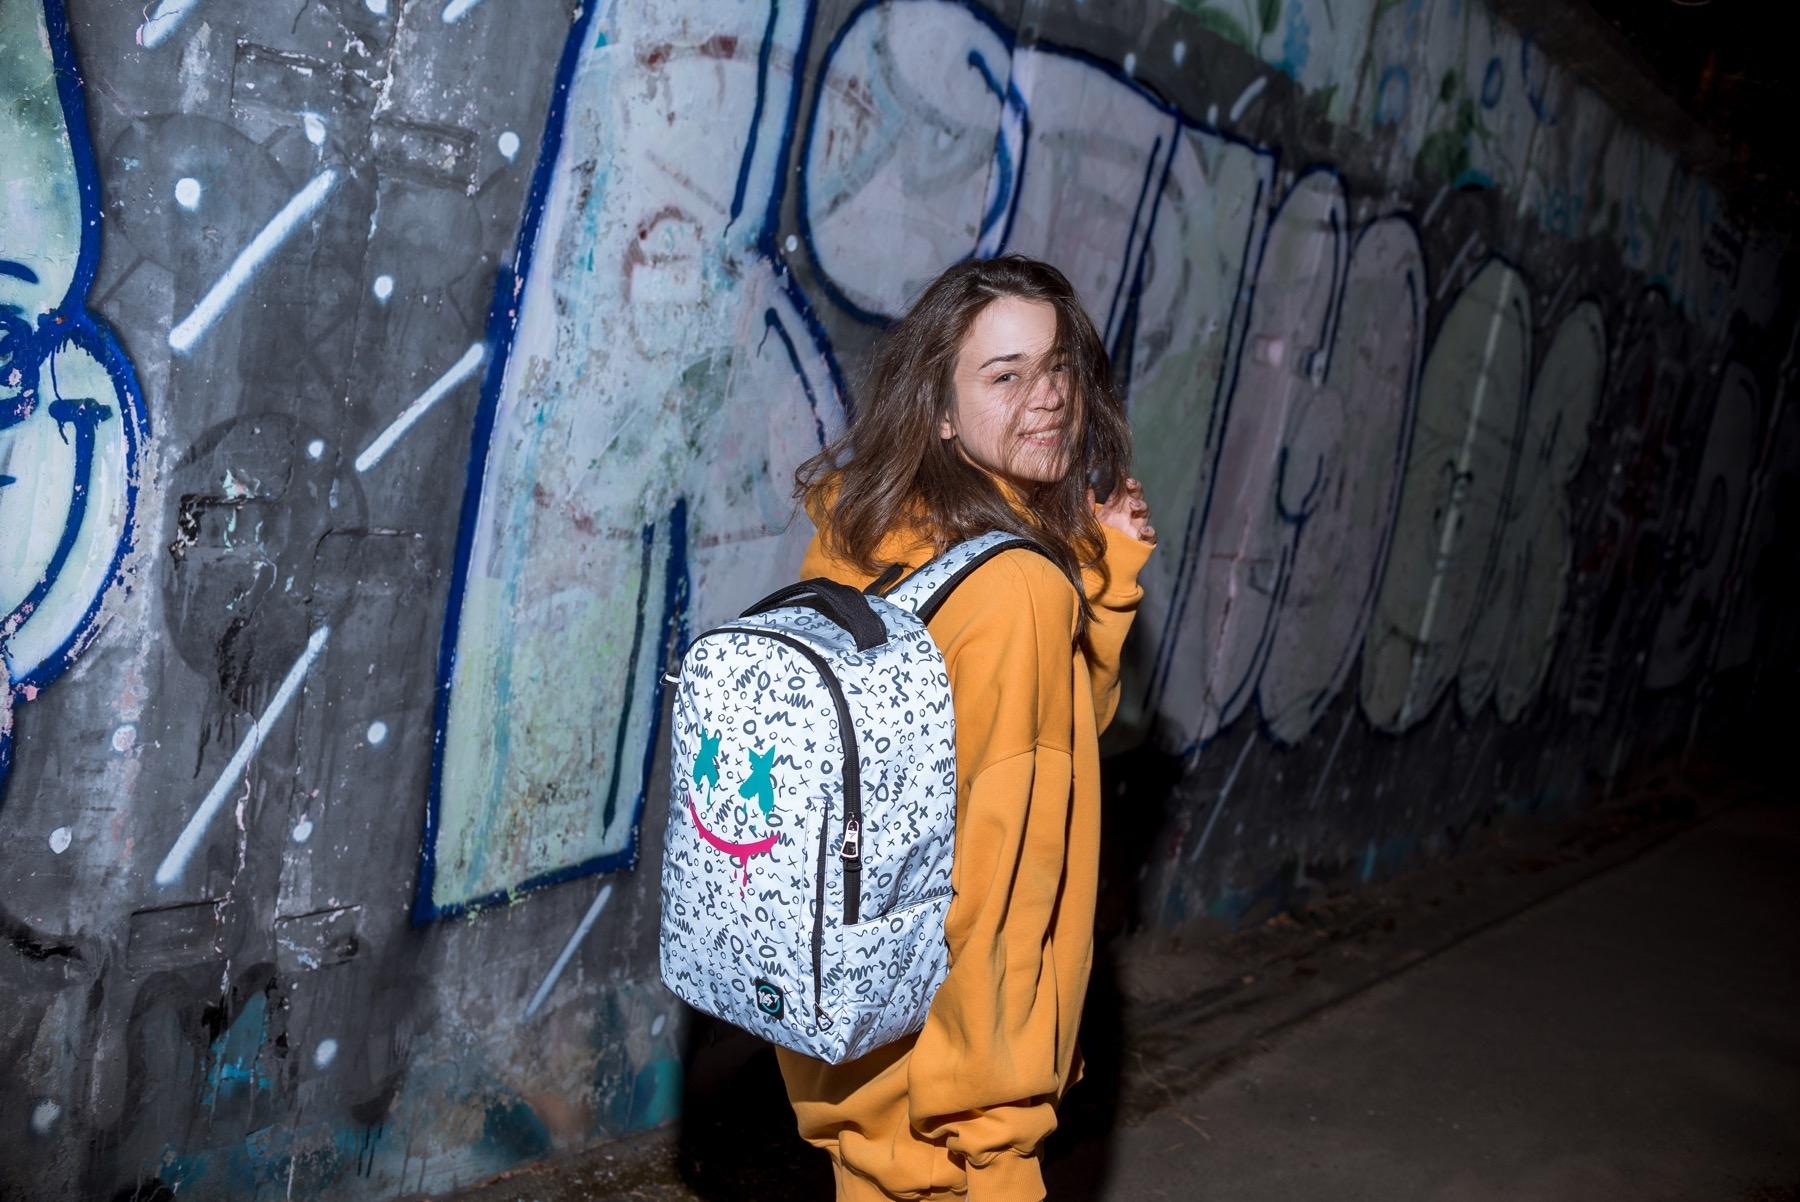 Светоотражающие рюкзаки: зачем они нужны и где их купить - фото №4